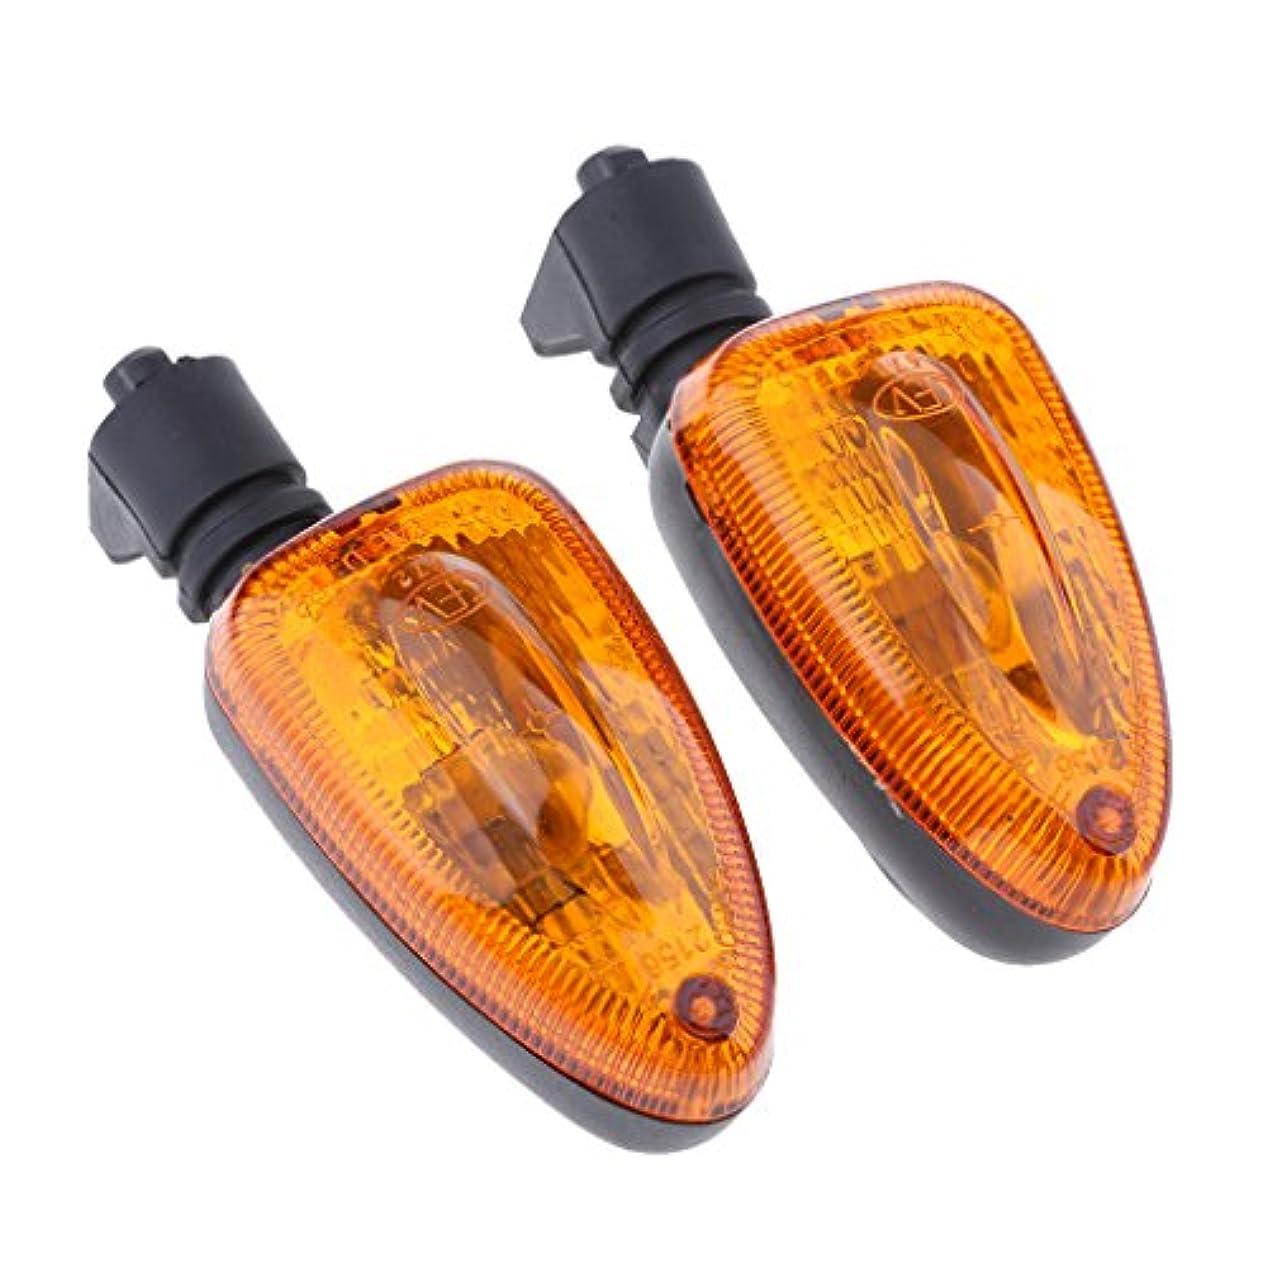 毎回体細胞したいBMW F800GS / F800R 07-08に適用 12V 6mm シグナルライト ターン インジケータライト 省エネルギー 全3色 - アンバーレンズ